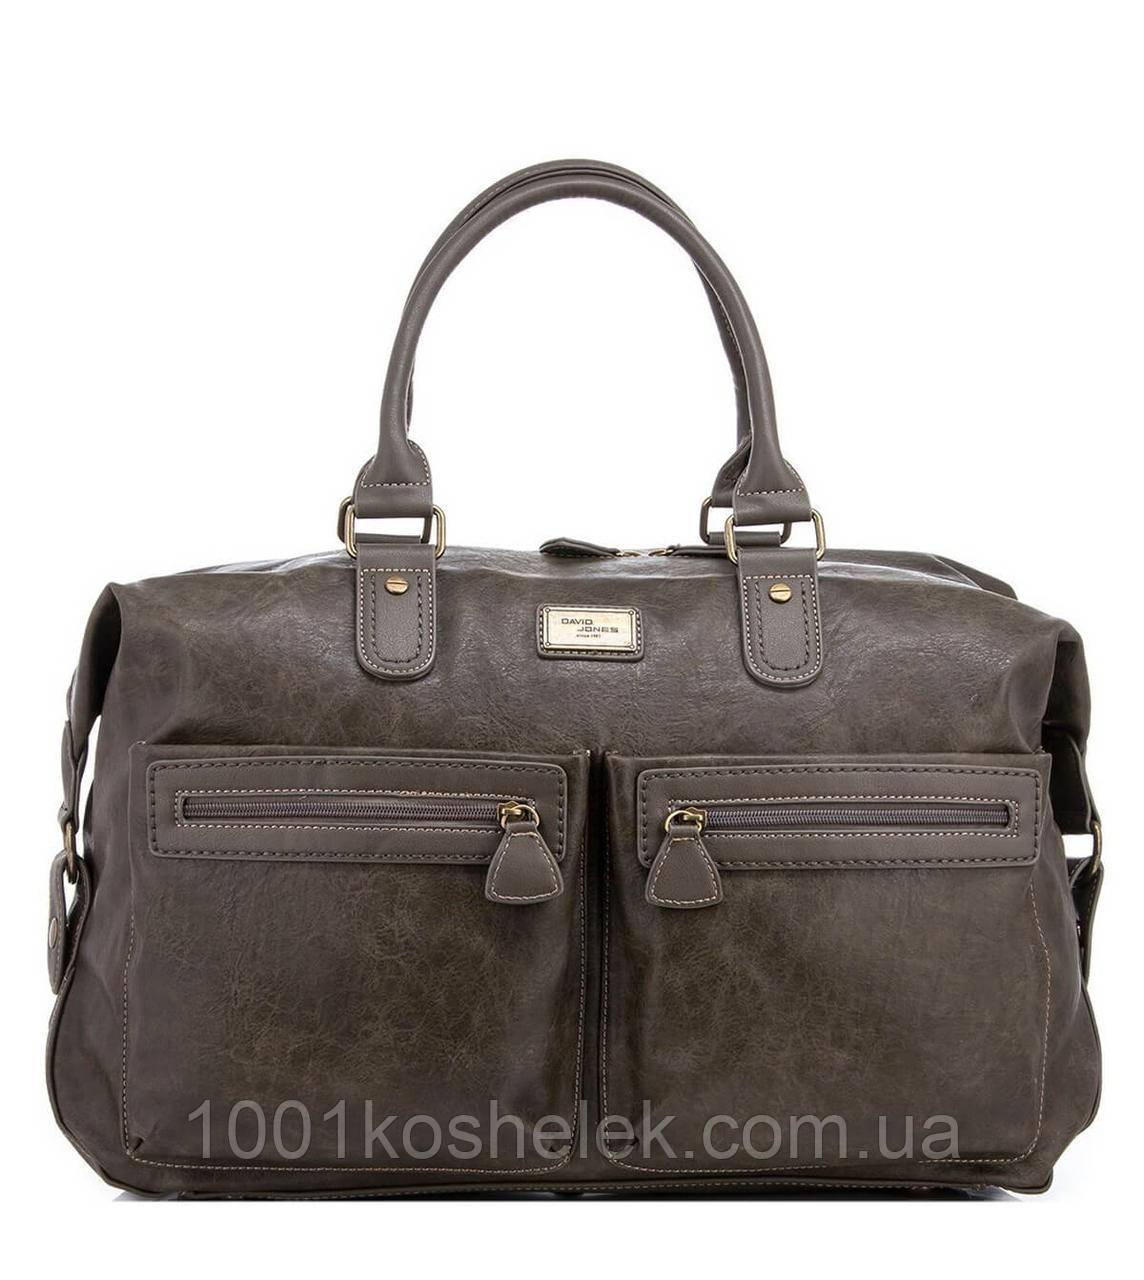 Дорожная сумка David Jones CM3553 (Хаки)